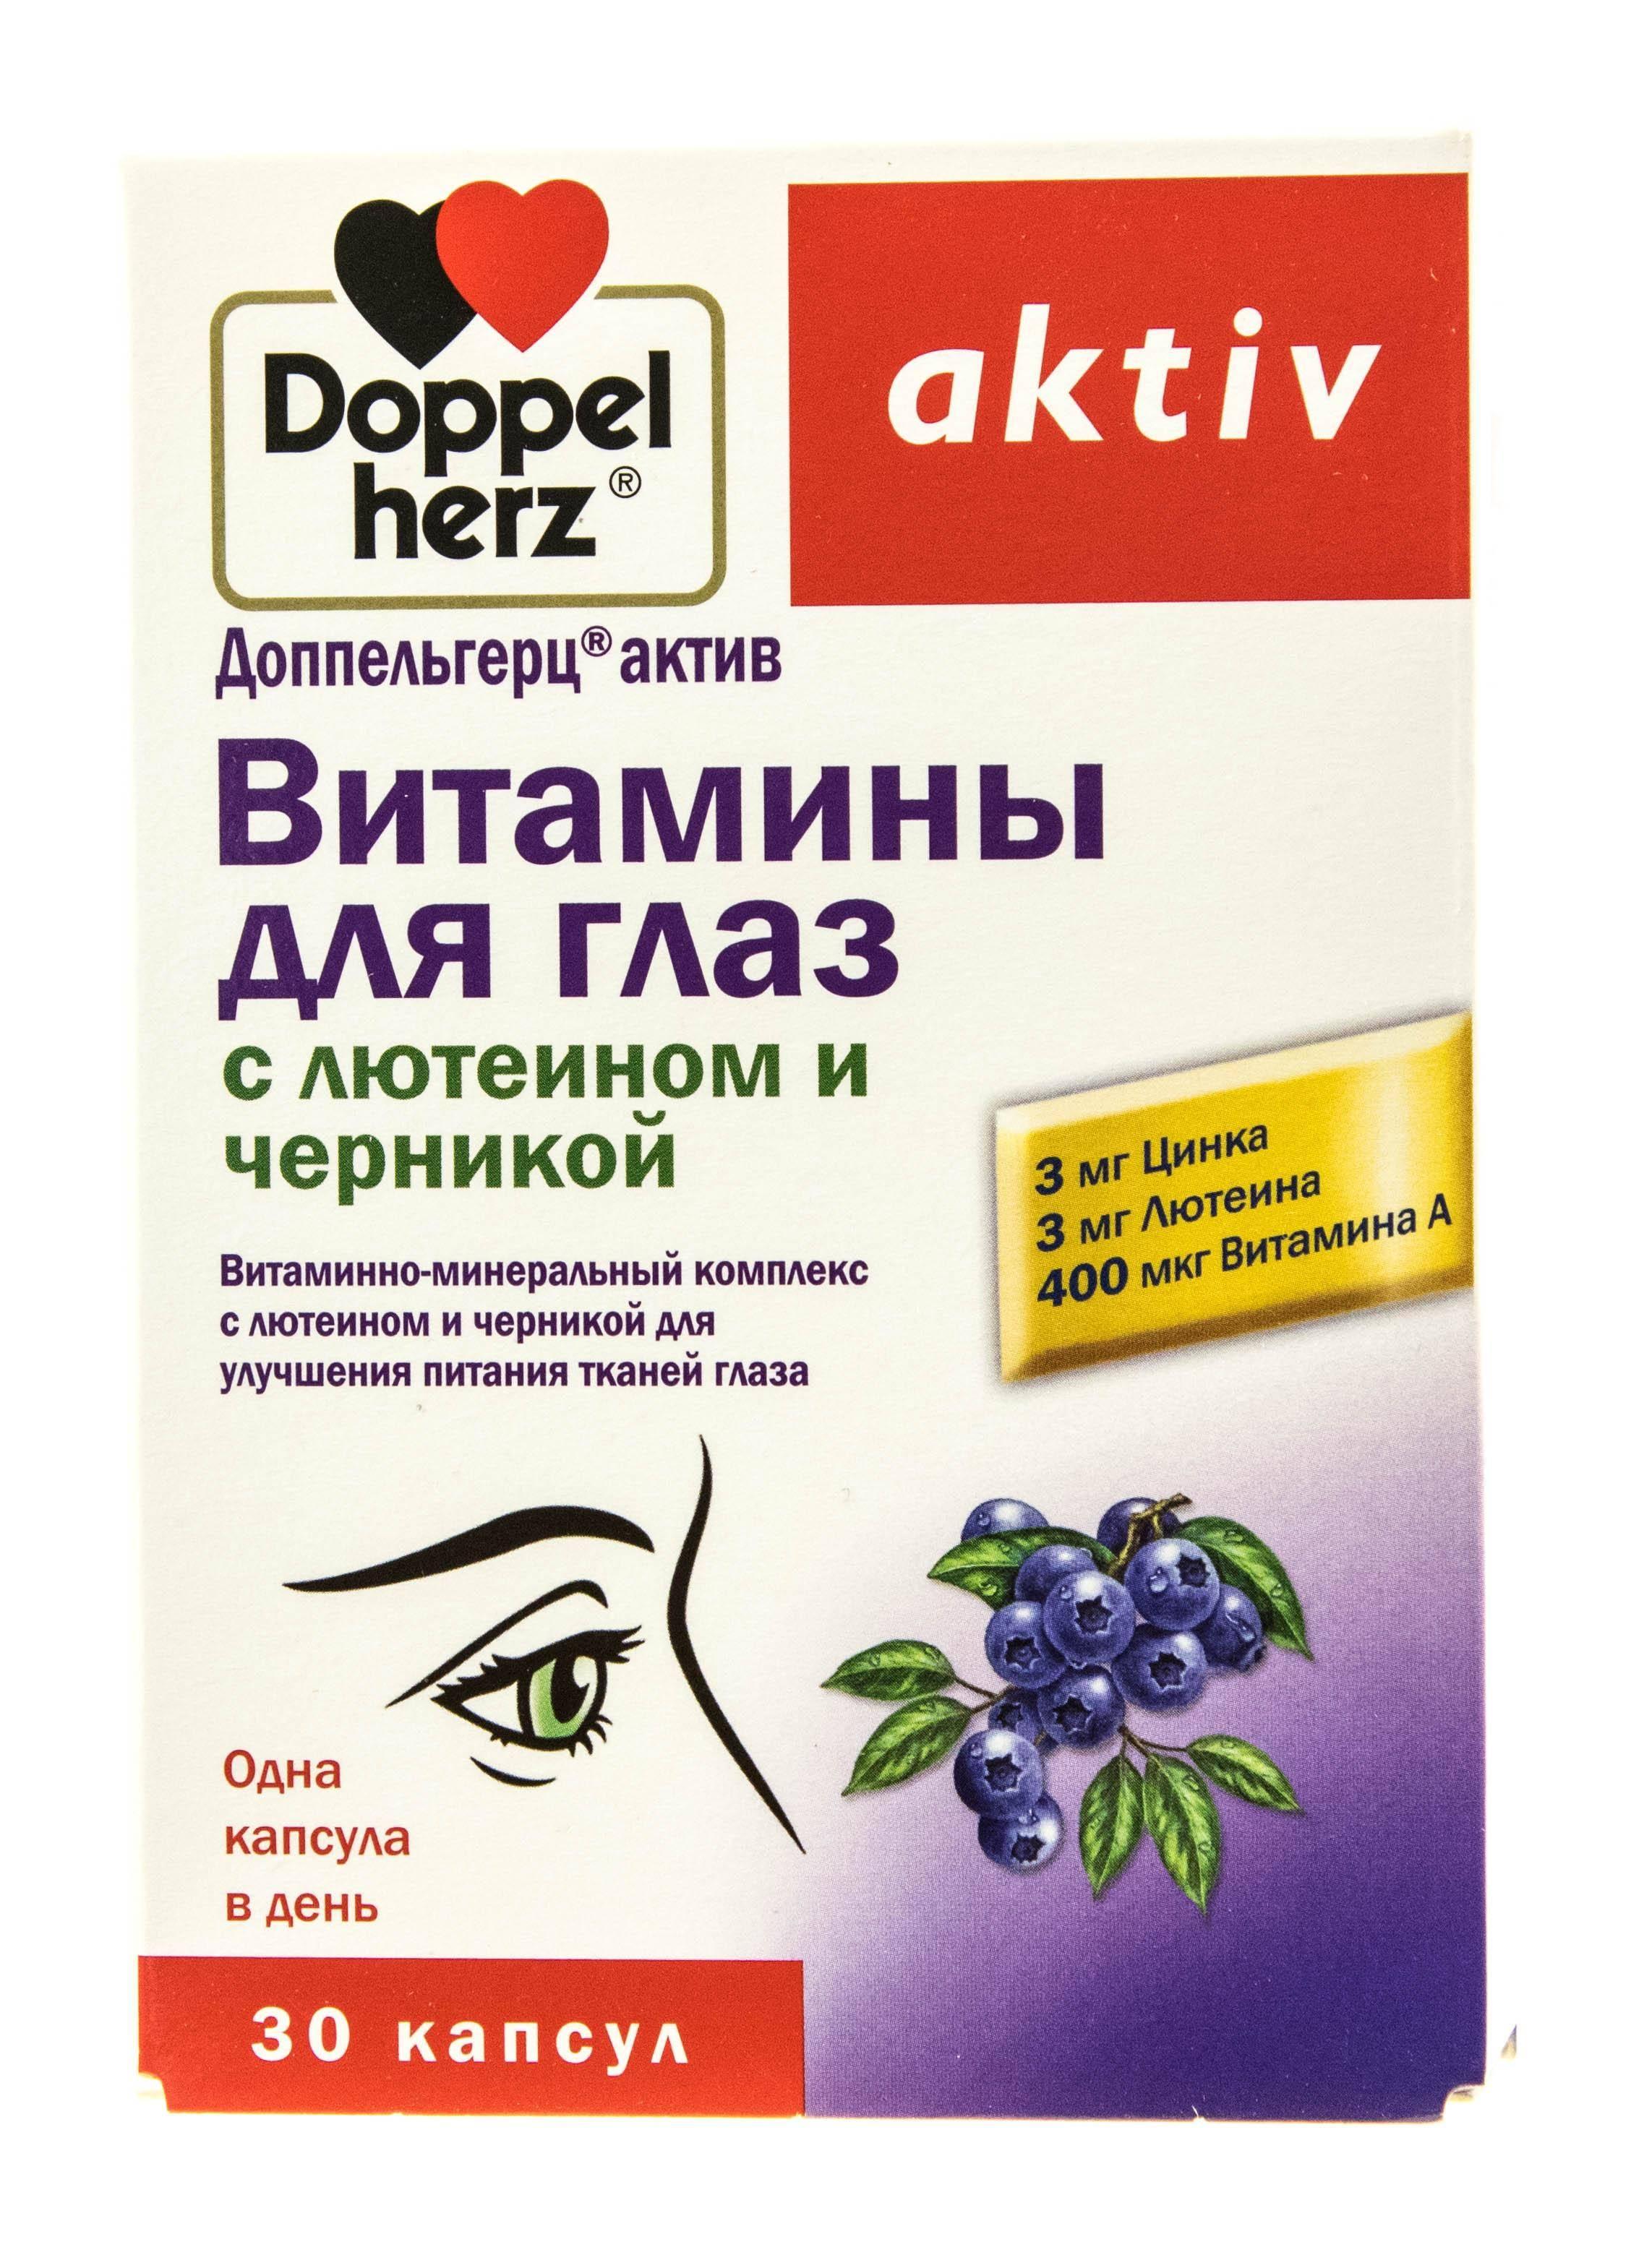 Детские витамины для глаз - улучшаем зрение oculistic.ru детские витамины для глаз - улучшаем зрение